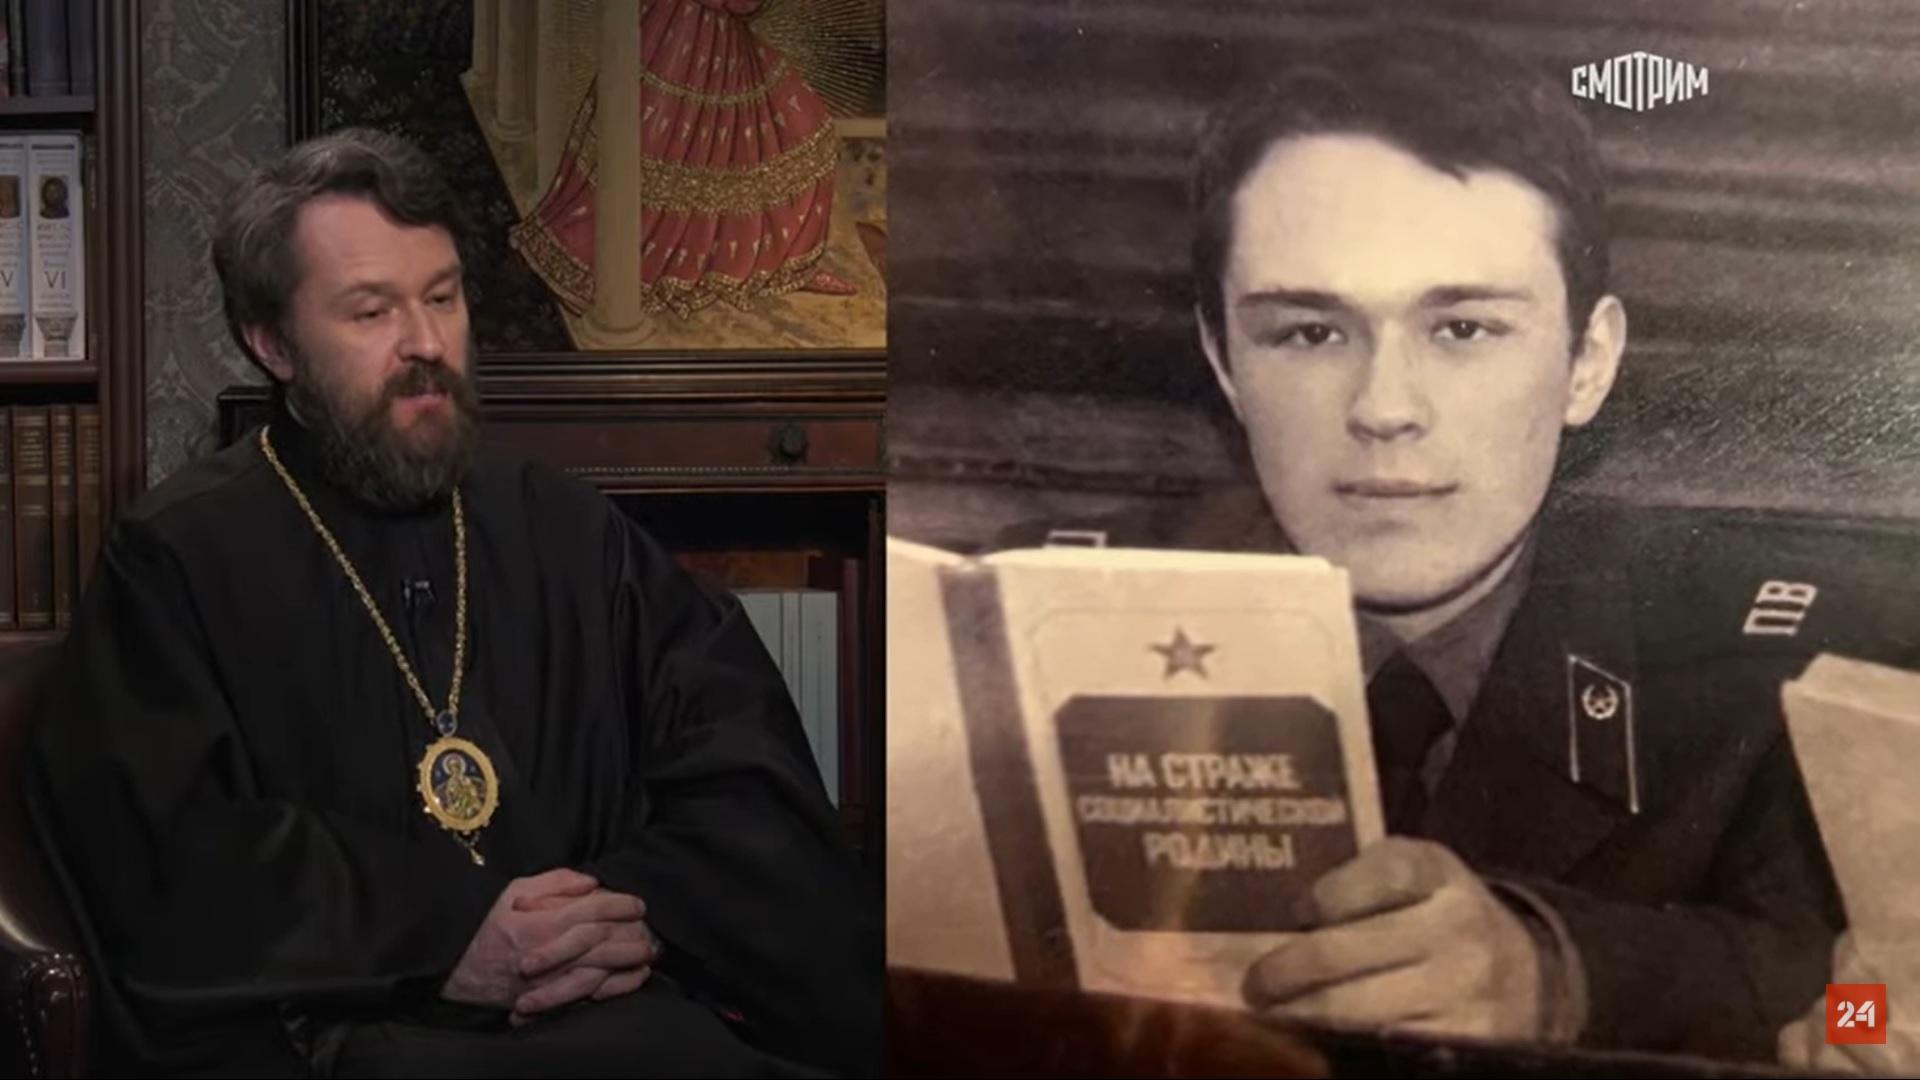 СМИ: РПЦ выступила против угроз в стиле «Можем повторить»